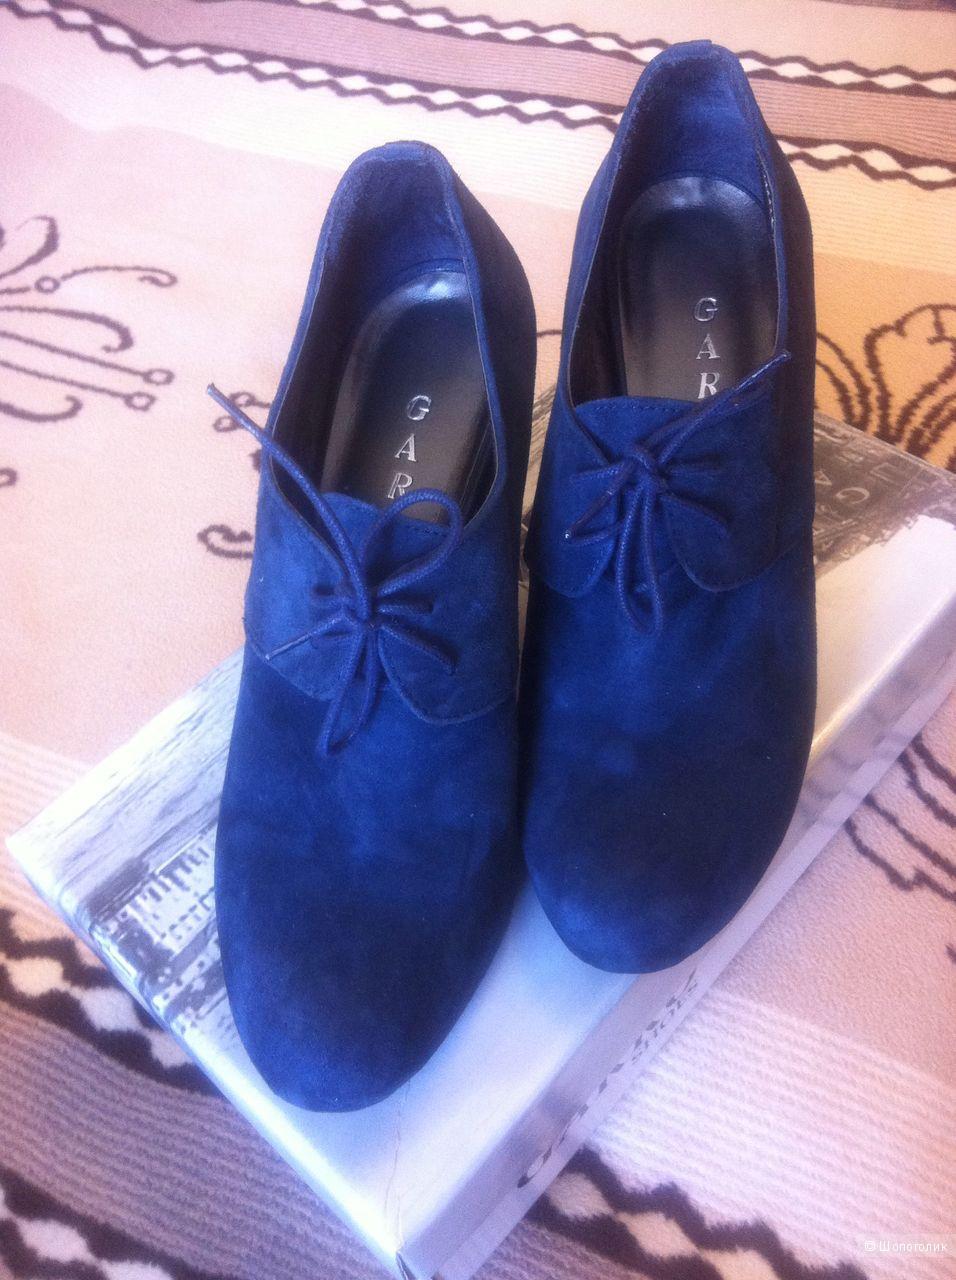 Туфли GARRO замшевые на шнурках 39 размер.